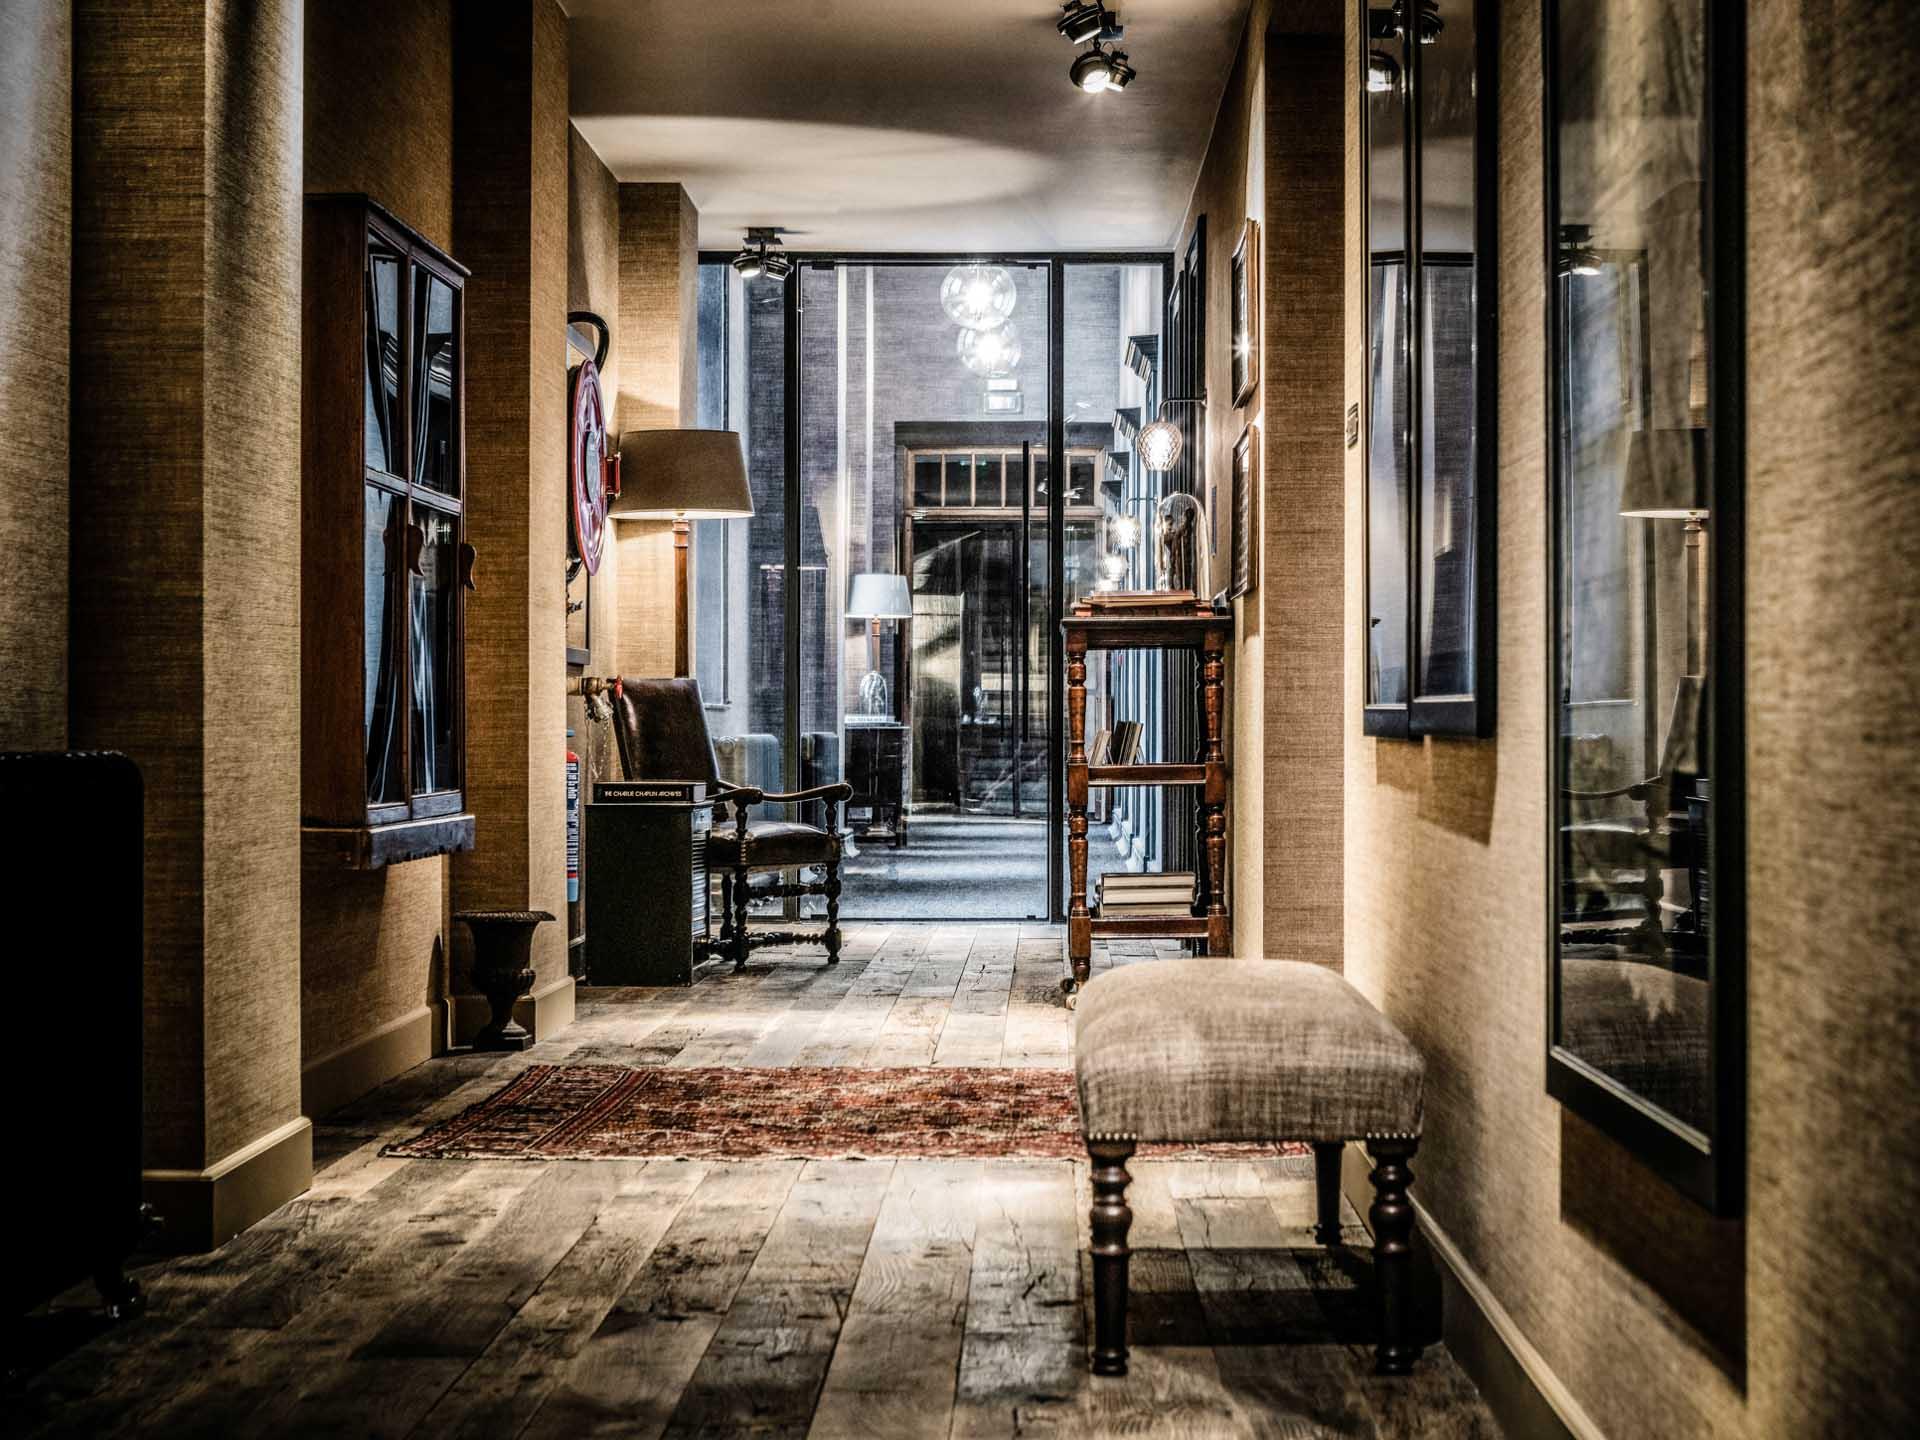 Dès l'entrée de l'hôtel, un mobilier antique des années 1900 donne le ton